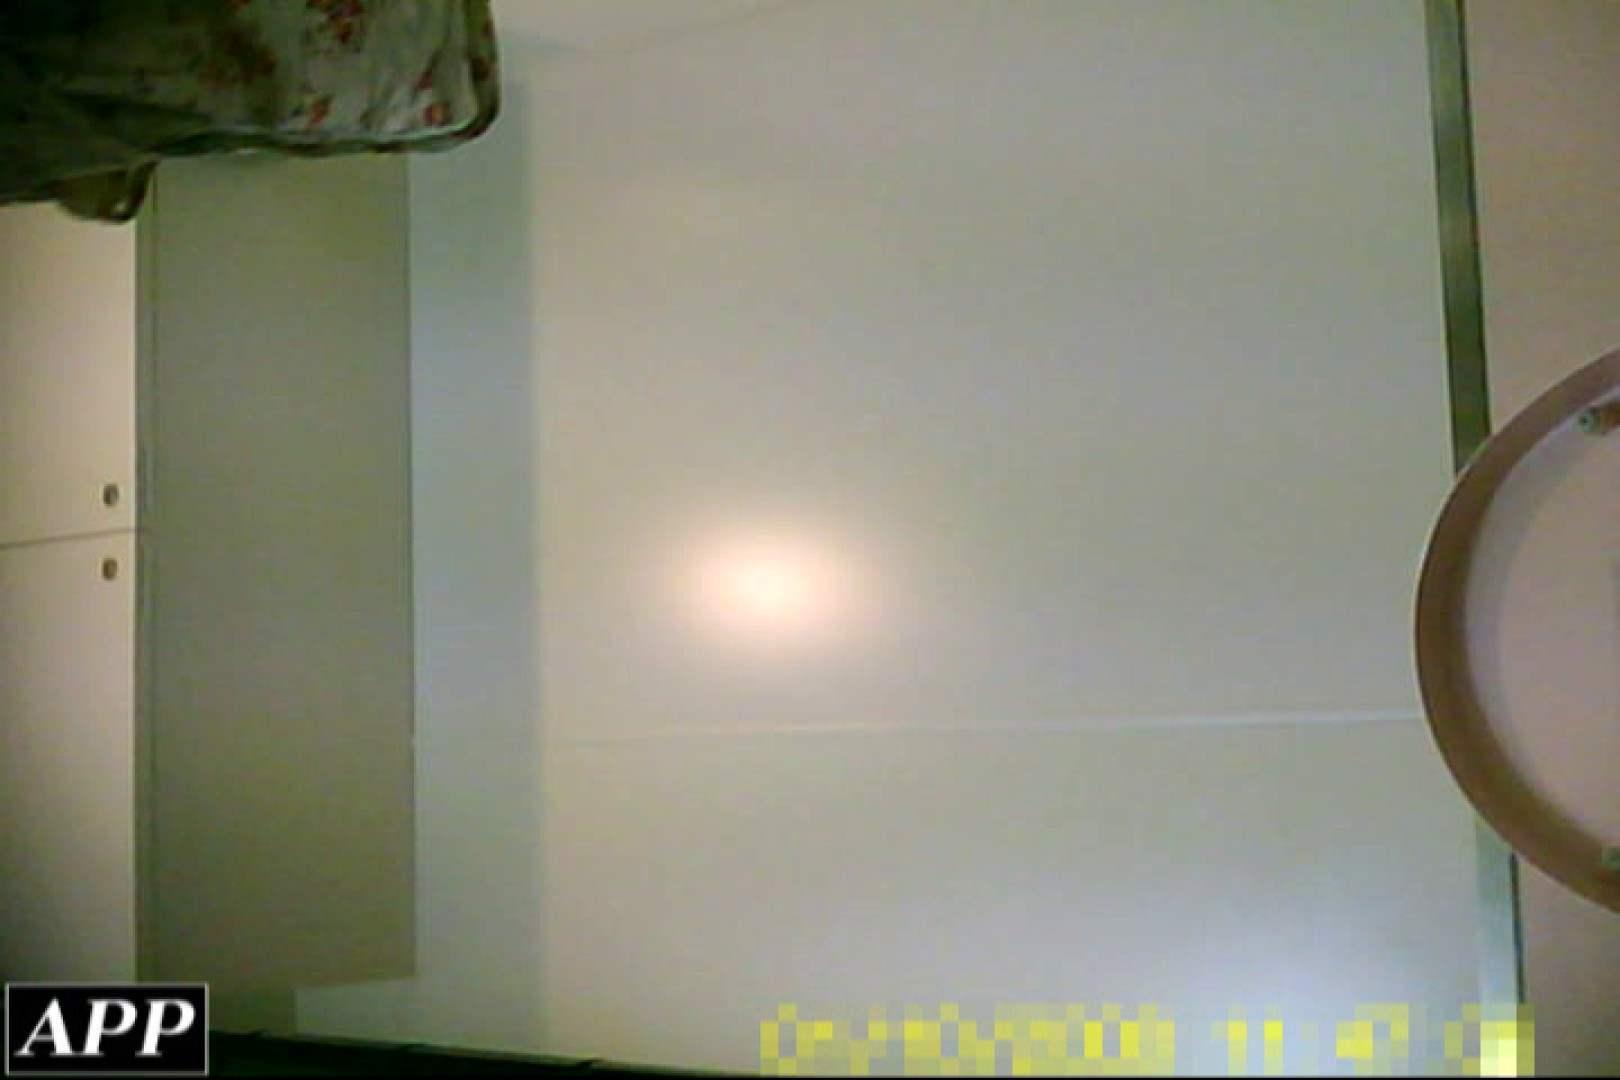 3視点洗面所 vol.095 洗面所 | OLの実態  21pic 13